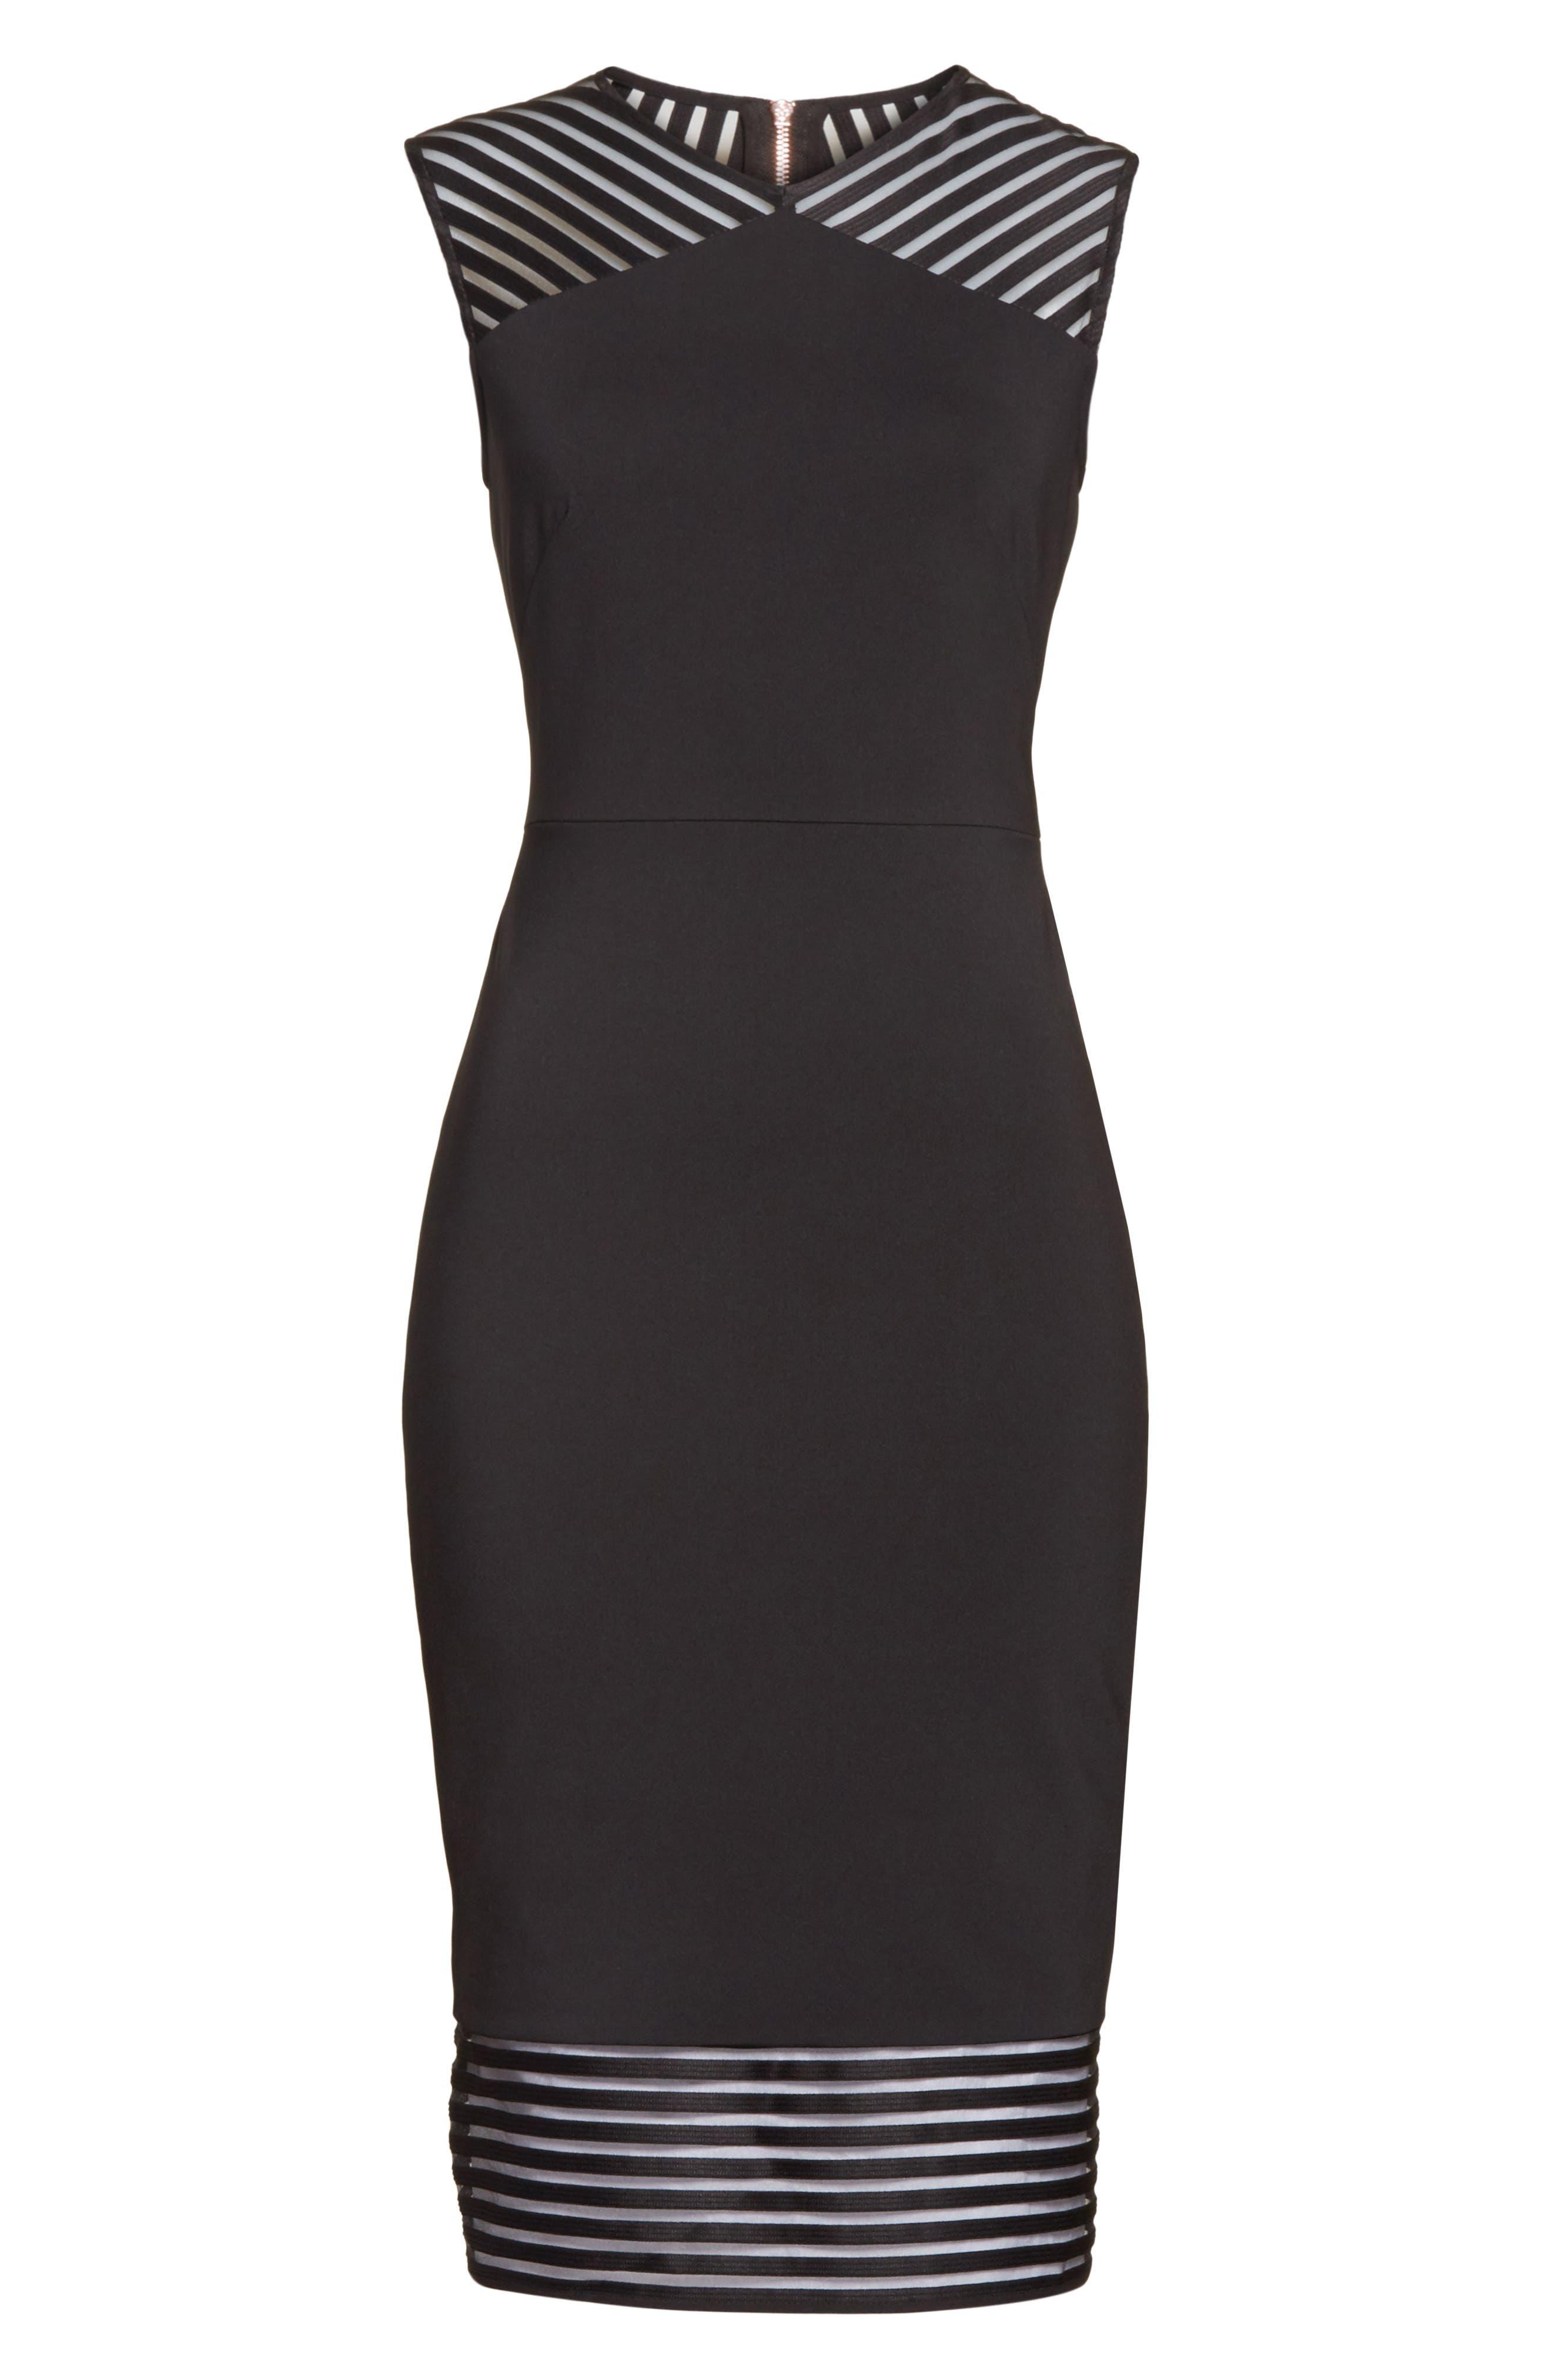 Lucette Mesh Detail Body Con Dress,                             Alternate thumbnail 6, color,                             Black